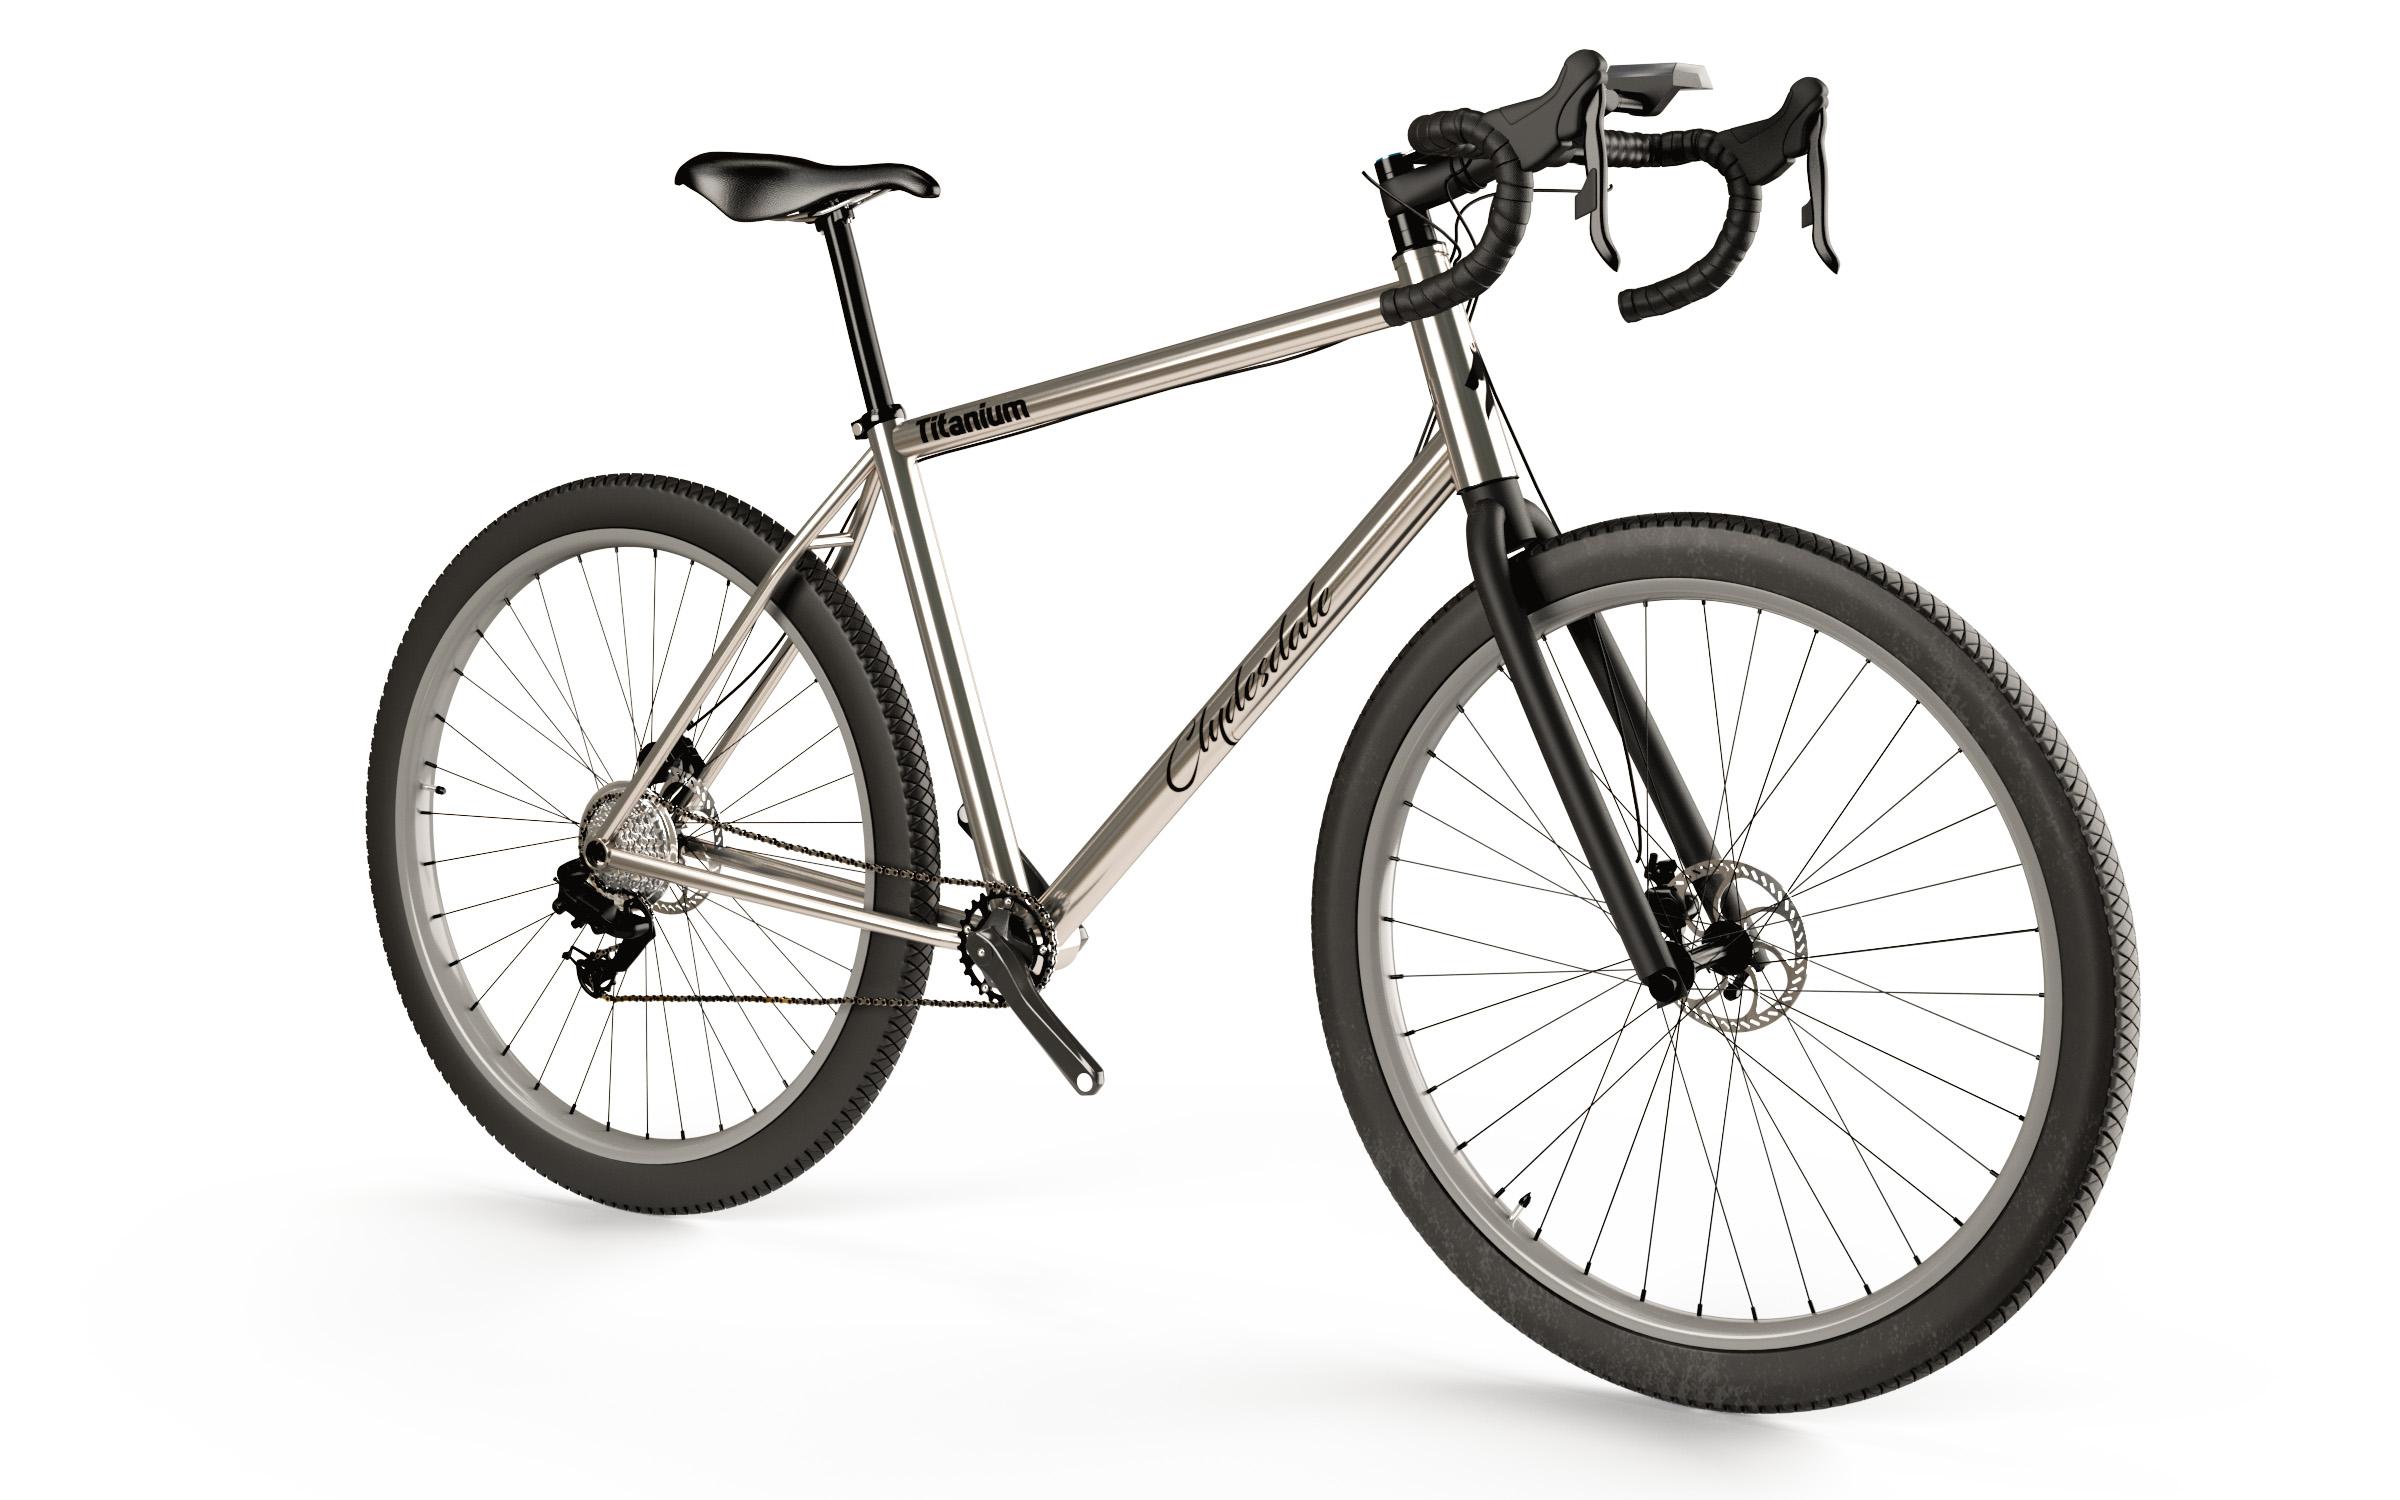 32 inch wheel bicycle | Clydesdale bikes boulder Colorado